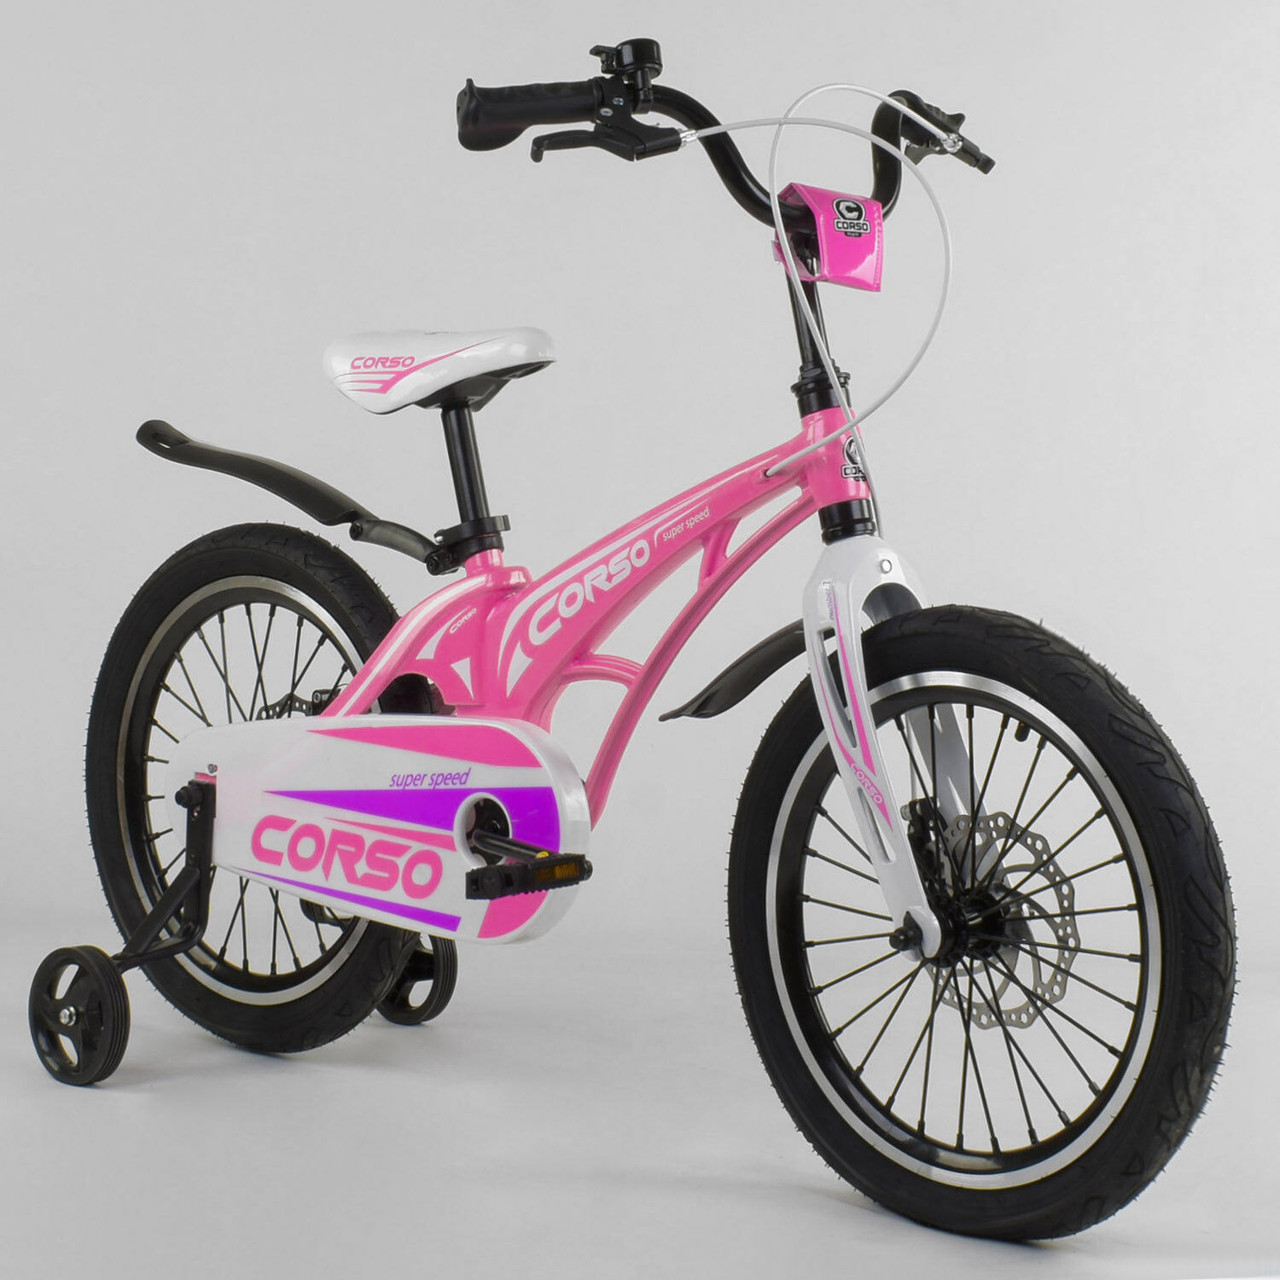 Велосипед CORSO MG-18W814 18 дюймов (магниевая рама, дисковые тормоза)